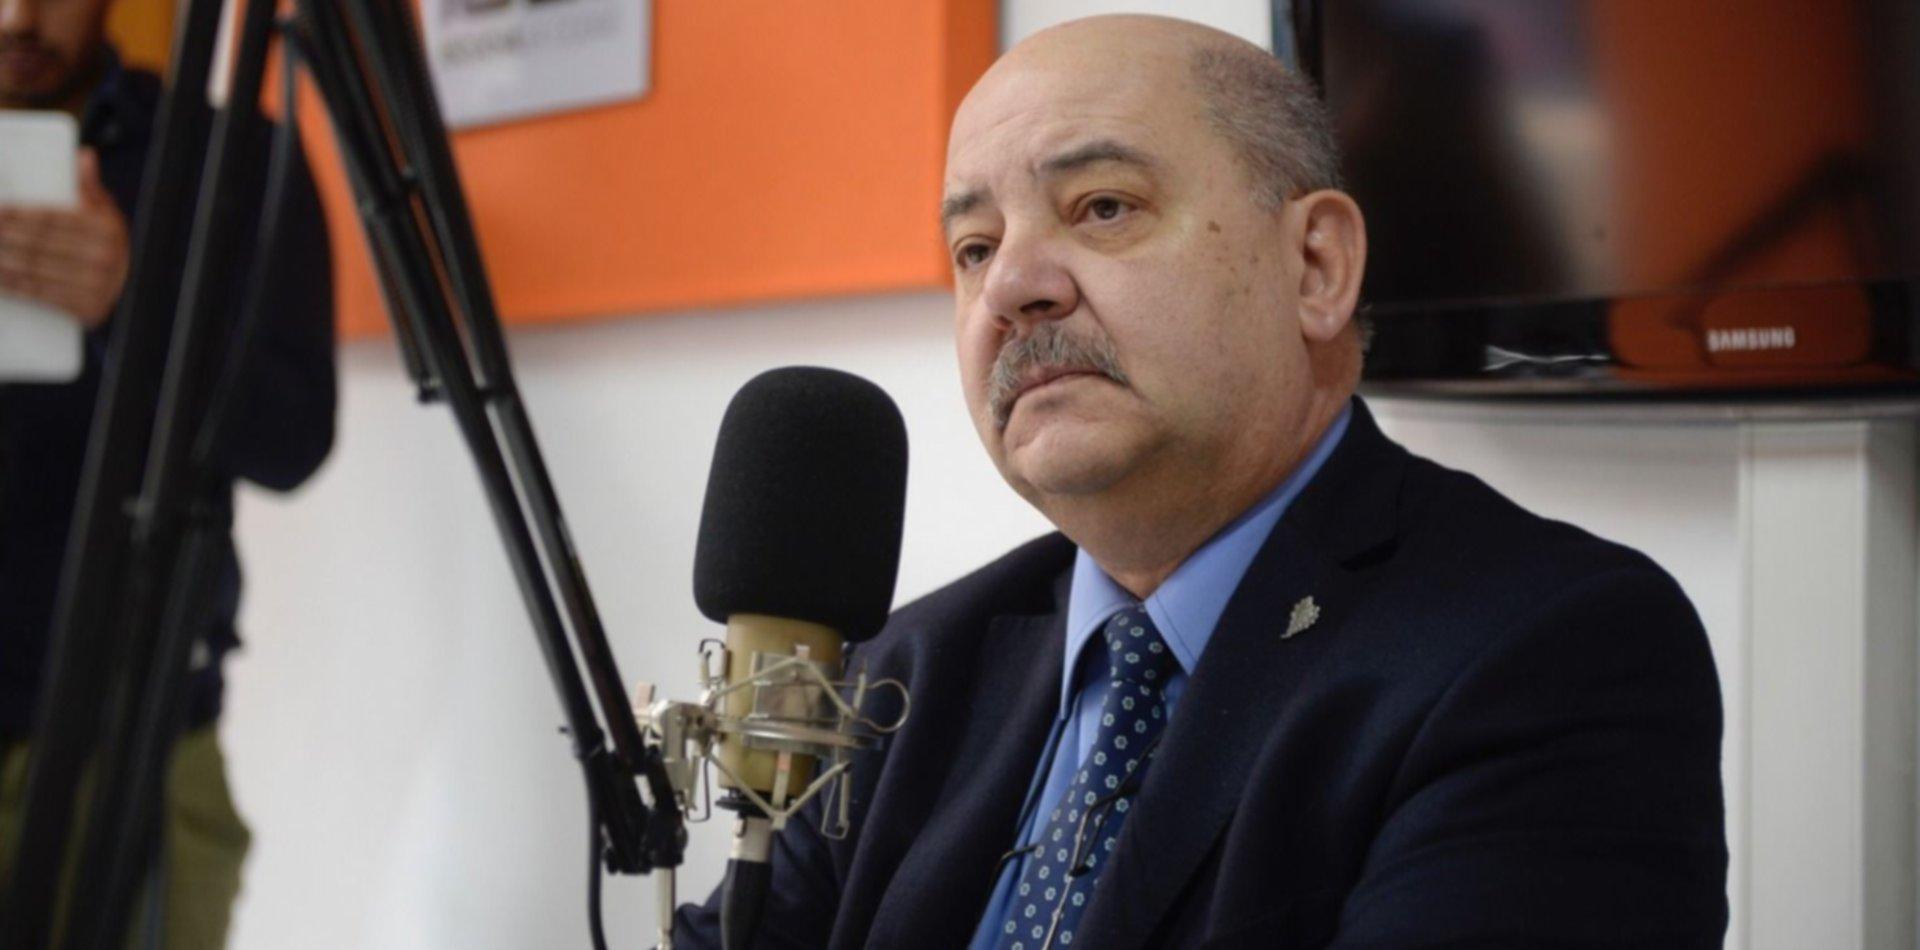 El presidente de la UNLP Fernando Tauber habló sobre el coronavirus y la  vuelta a clases   0221